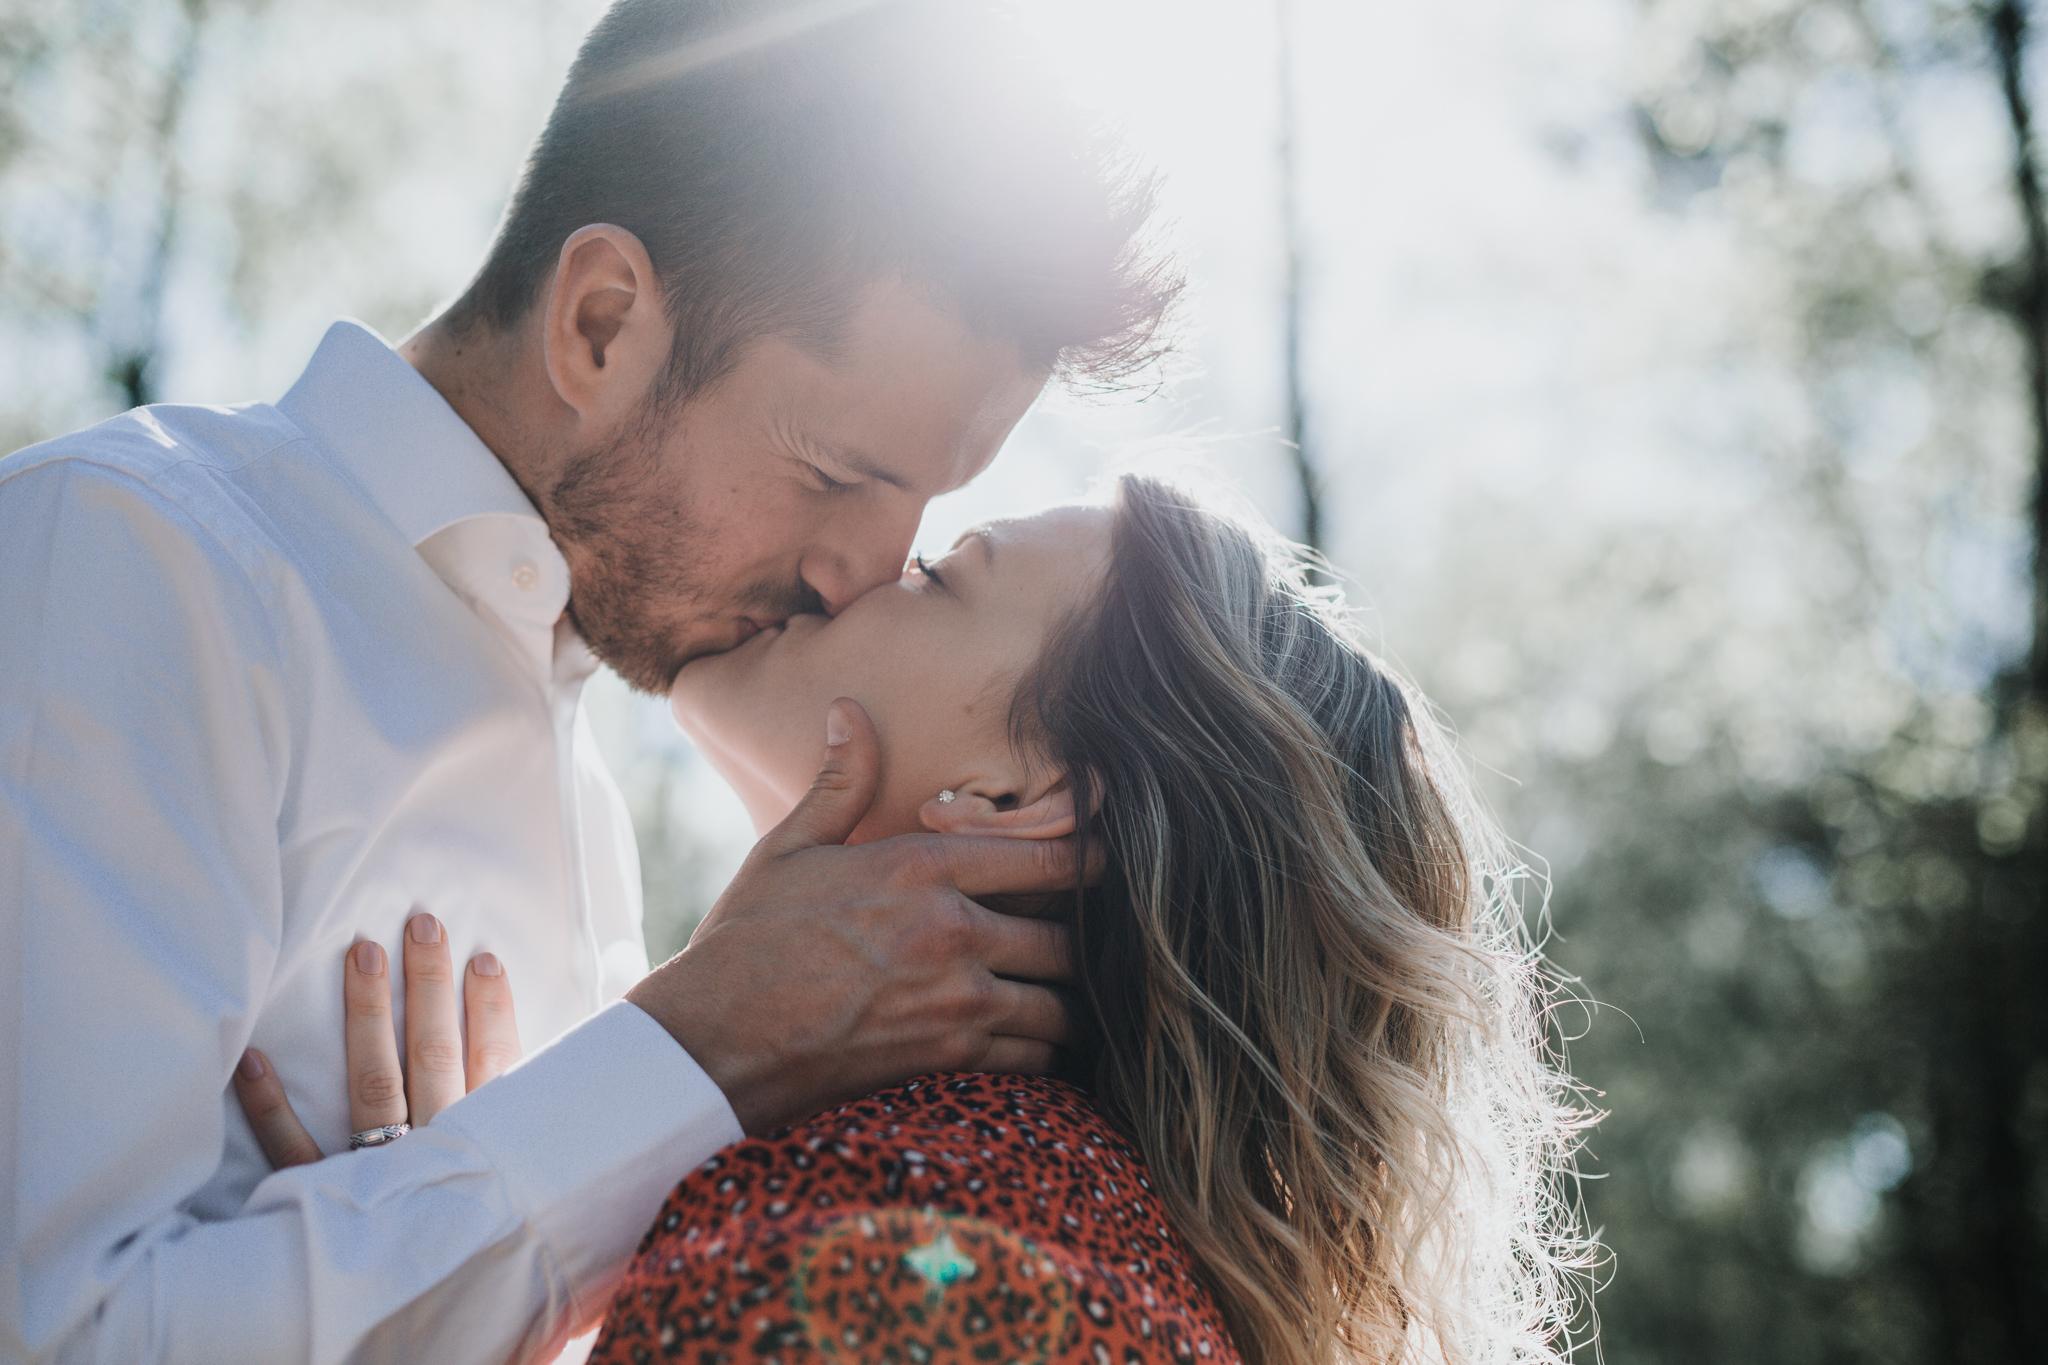 Heartfelt_Photography Trouwen trouwplannen verloofd bruidsfotografie trouwfotograaf trouwdag trouwjurk trouwfotografie